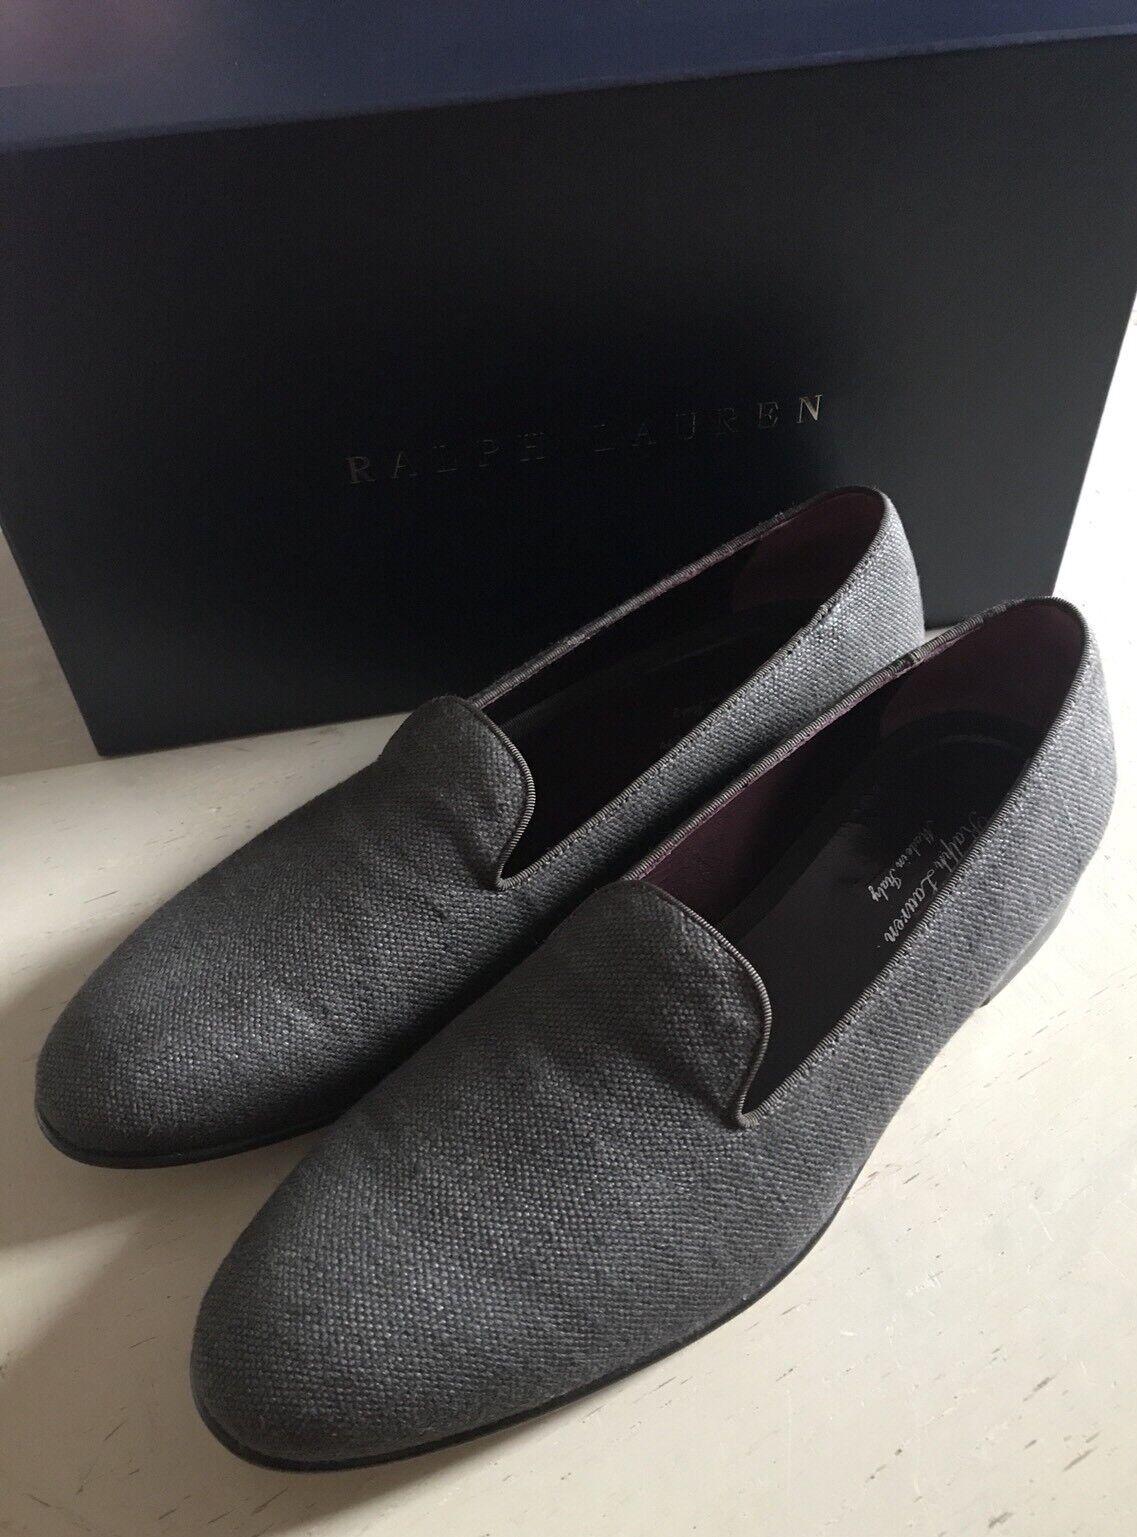 Nuevo 650 para Label hombre Ralph Lauren Morado Label para Lona Zapatillas Zapatos Gris 11.5 EE. UU. 3bf05a